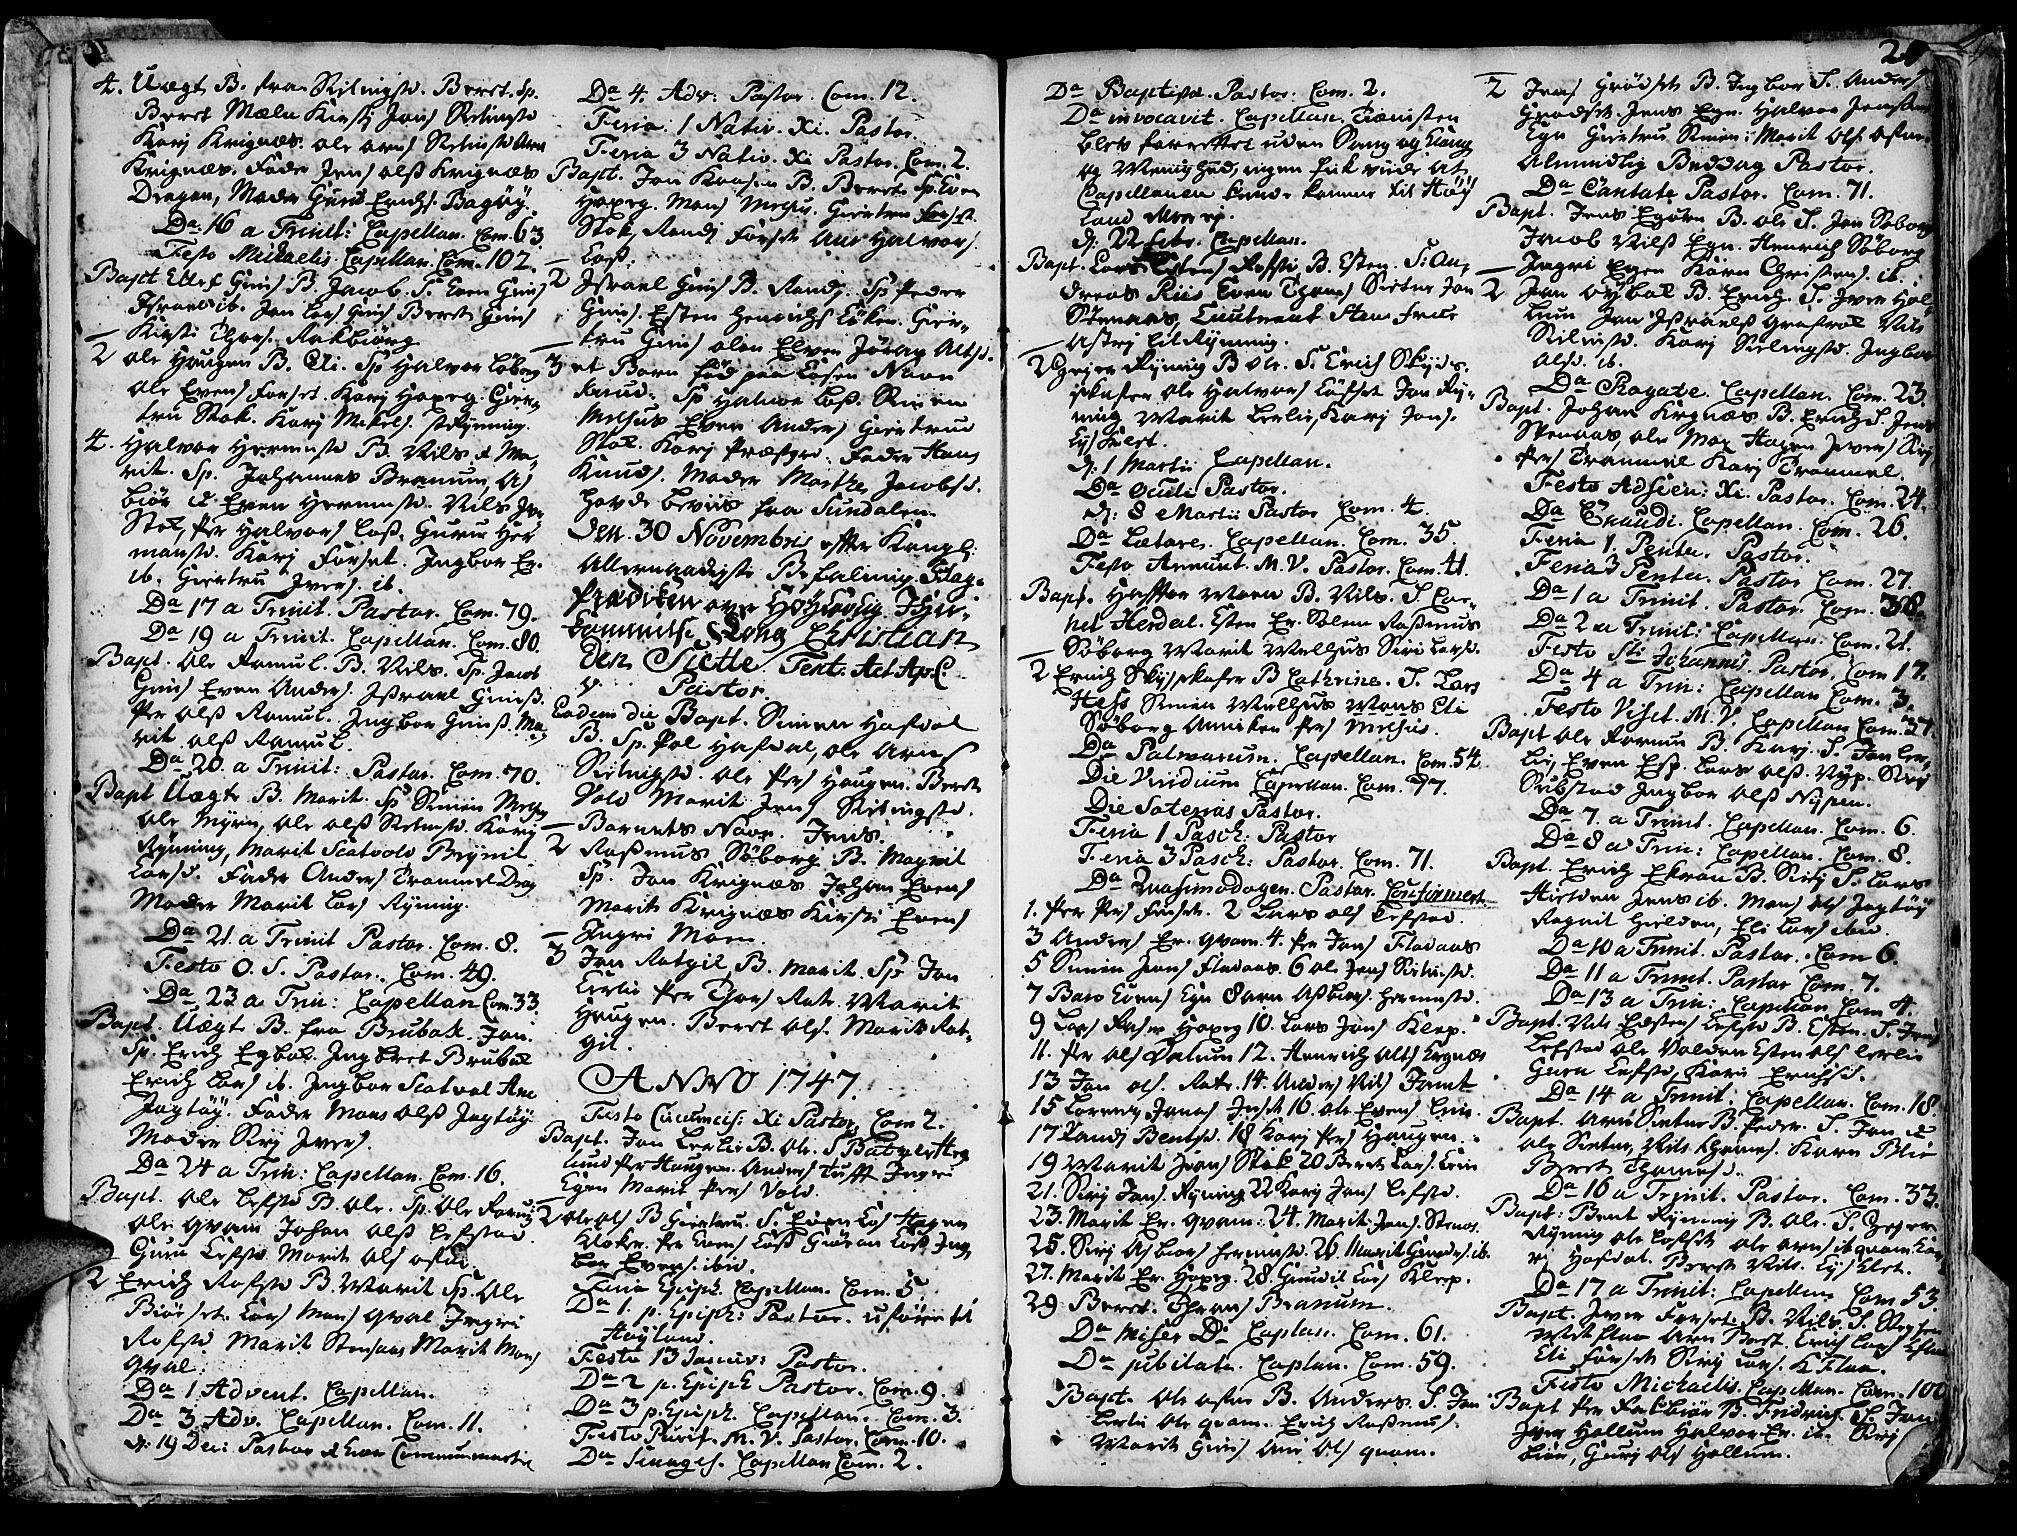 SAT, Ministerialprotokoller, klokkerbøker og fødselsregistre - Sør-Trøndelag, 691/L1057: Ministerialbok nr. 691A01 /1, 1740-1767, s. 21